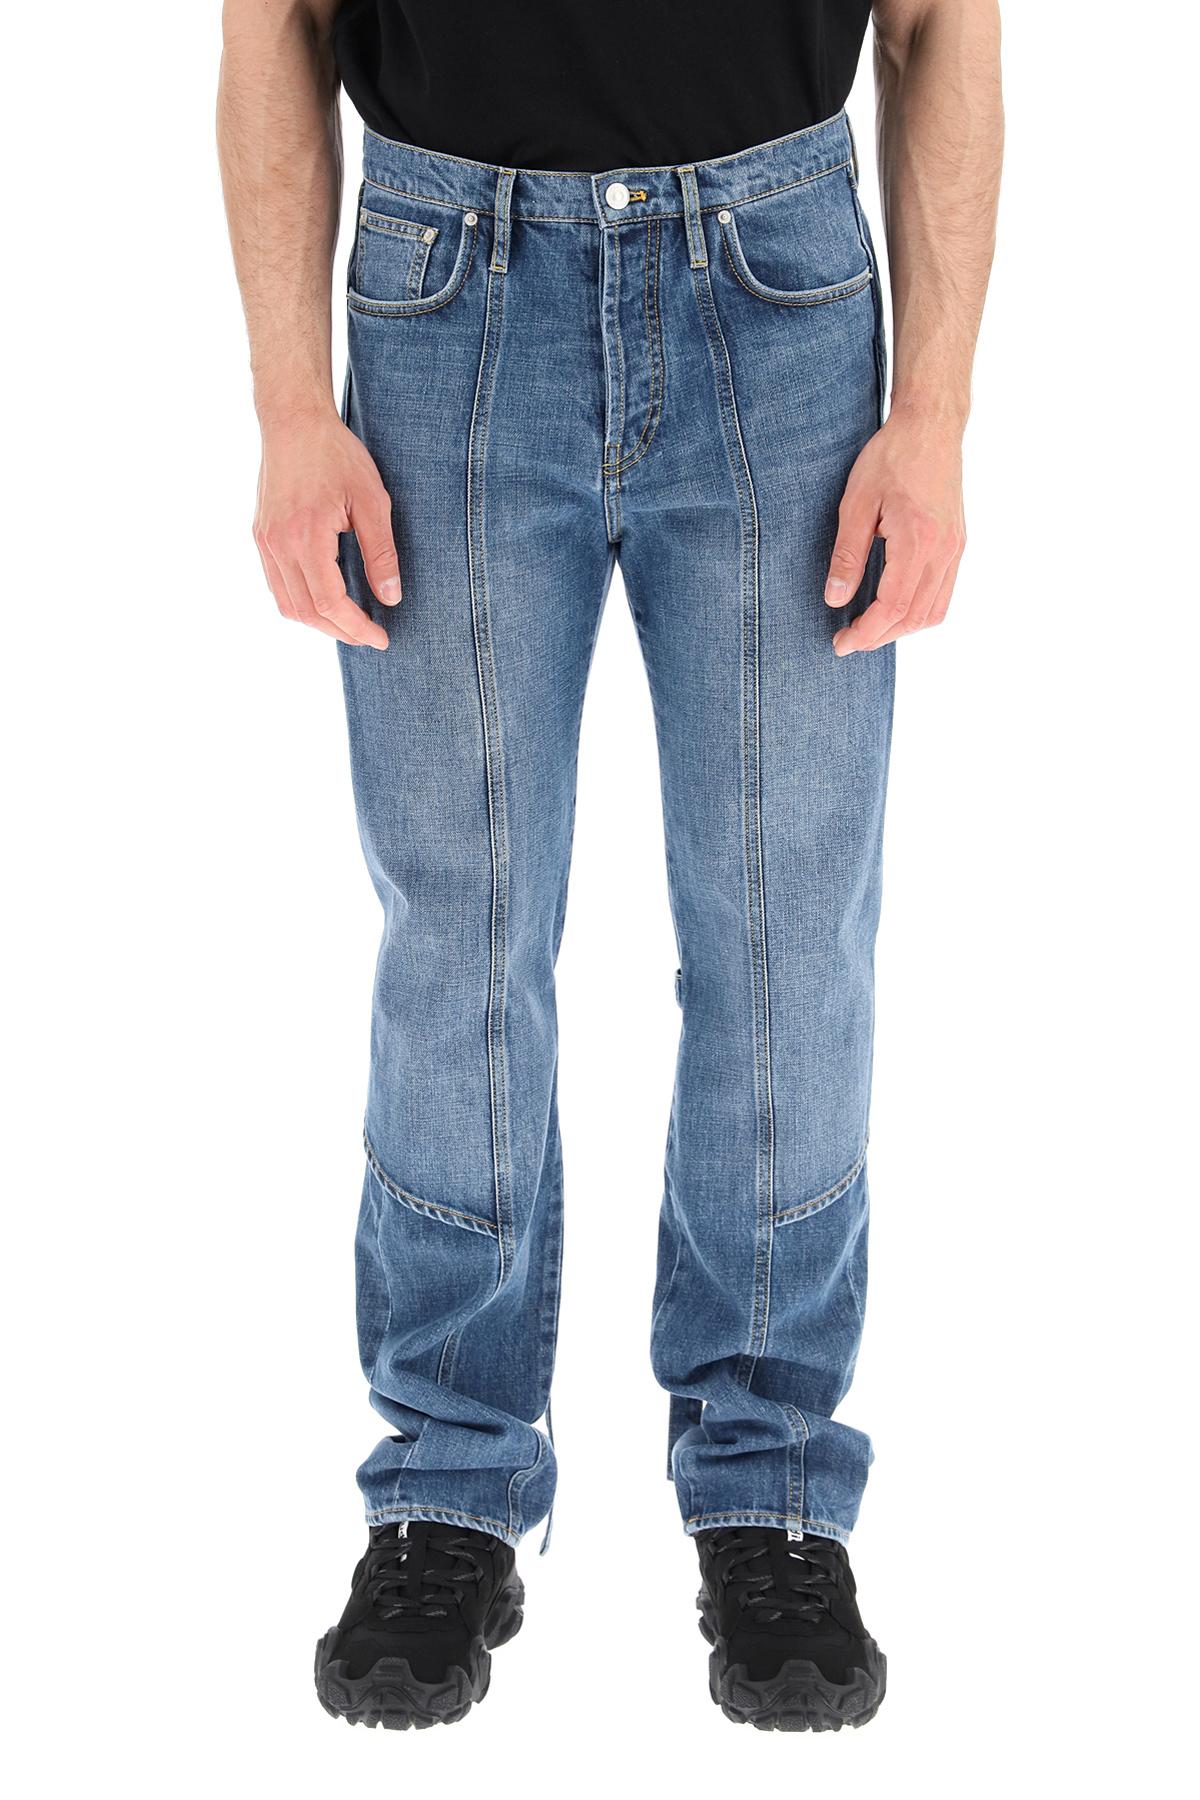 Kenzo jeans apron